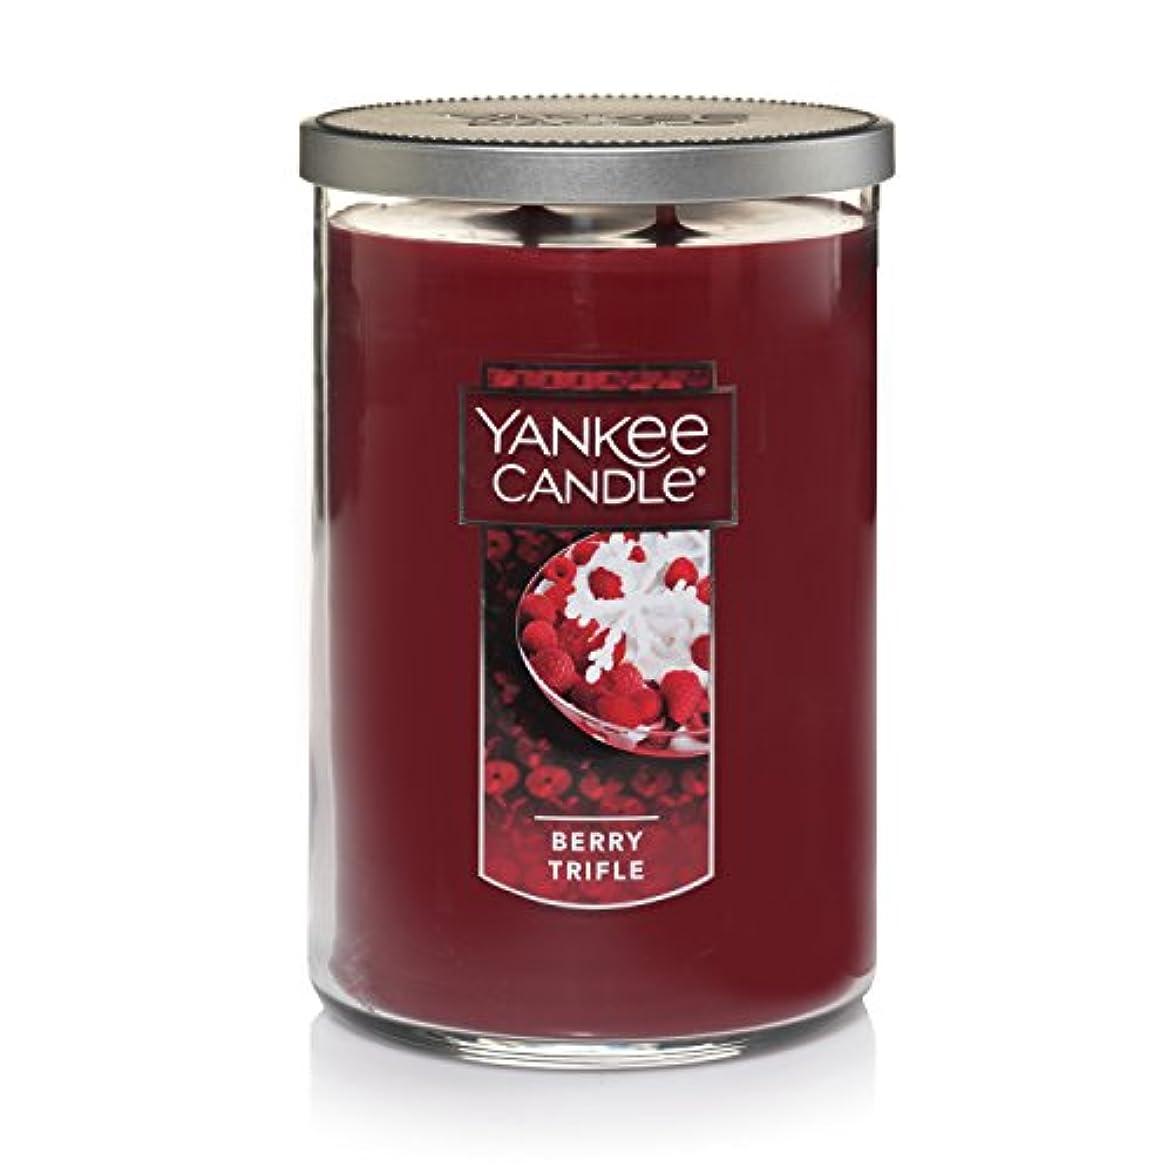 に変わる五月反抗Yankee Candle Large Jar Candle Large 2-Wick Tumbler Candle レッド 1342528